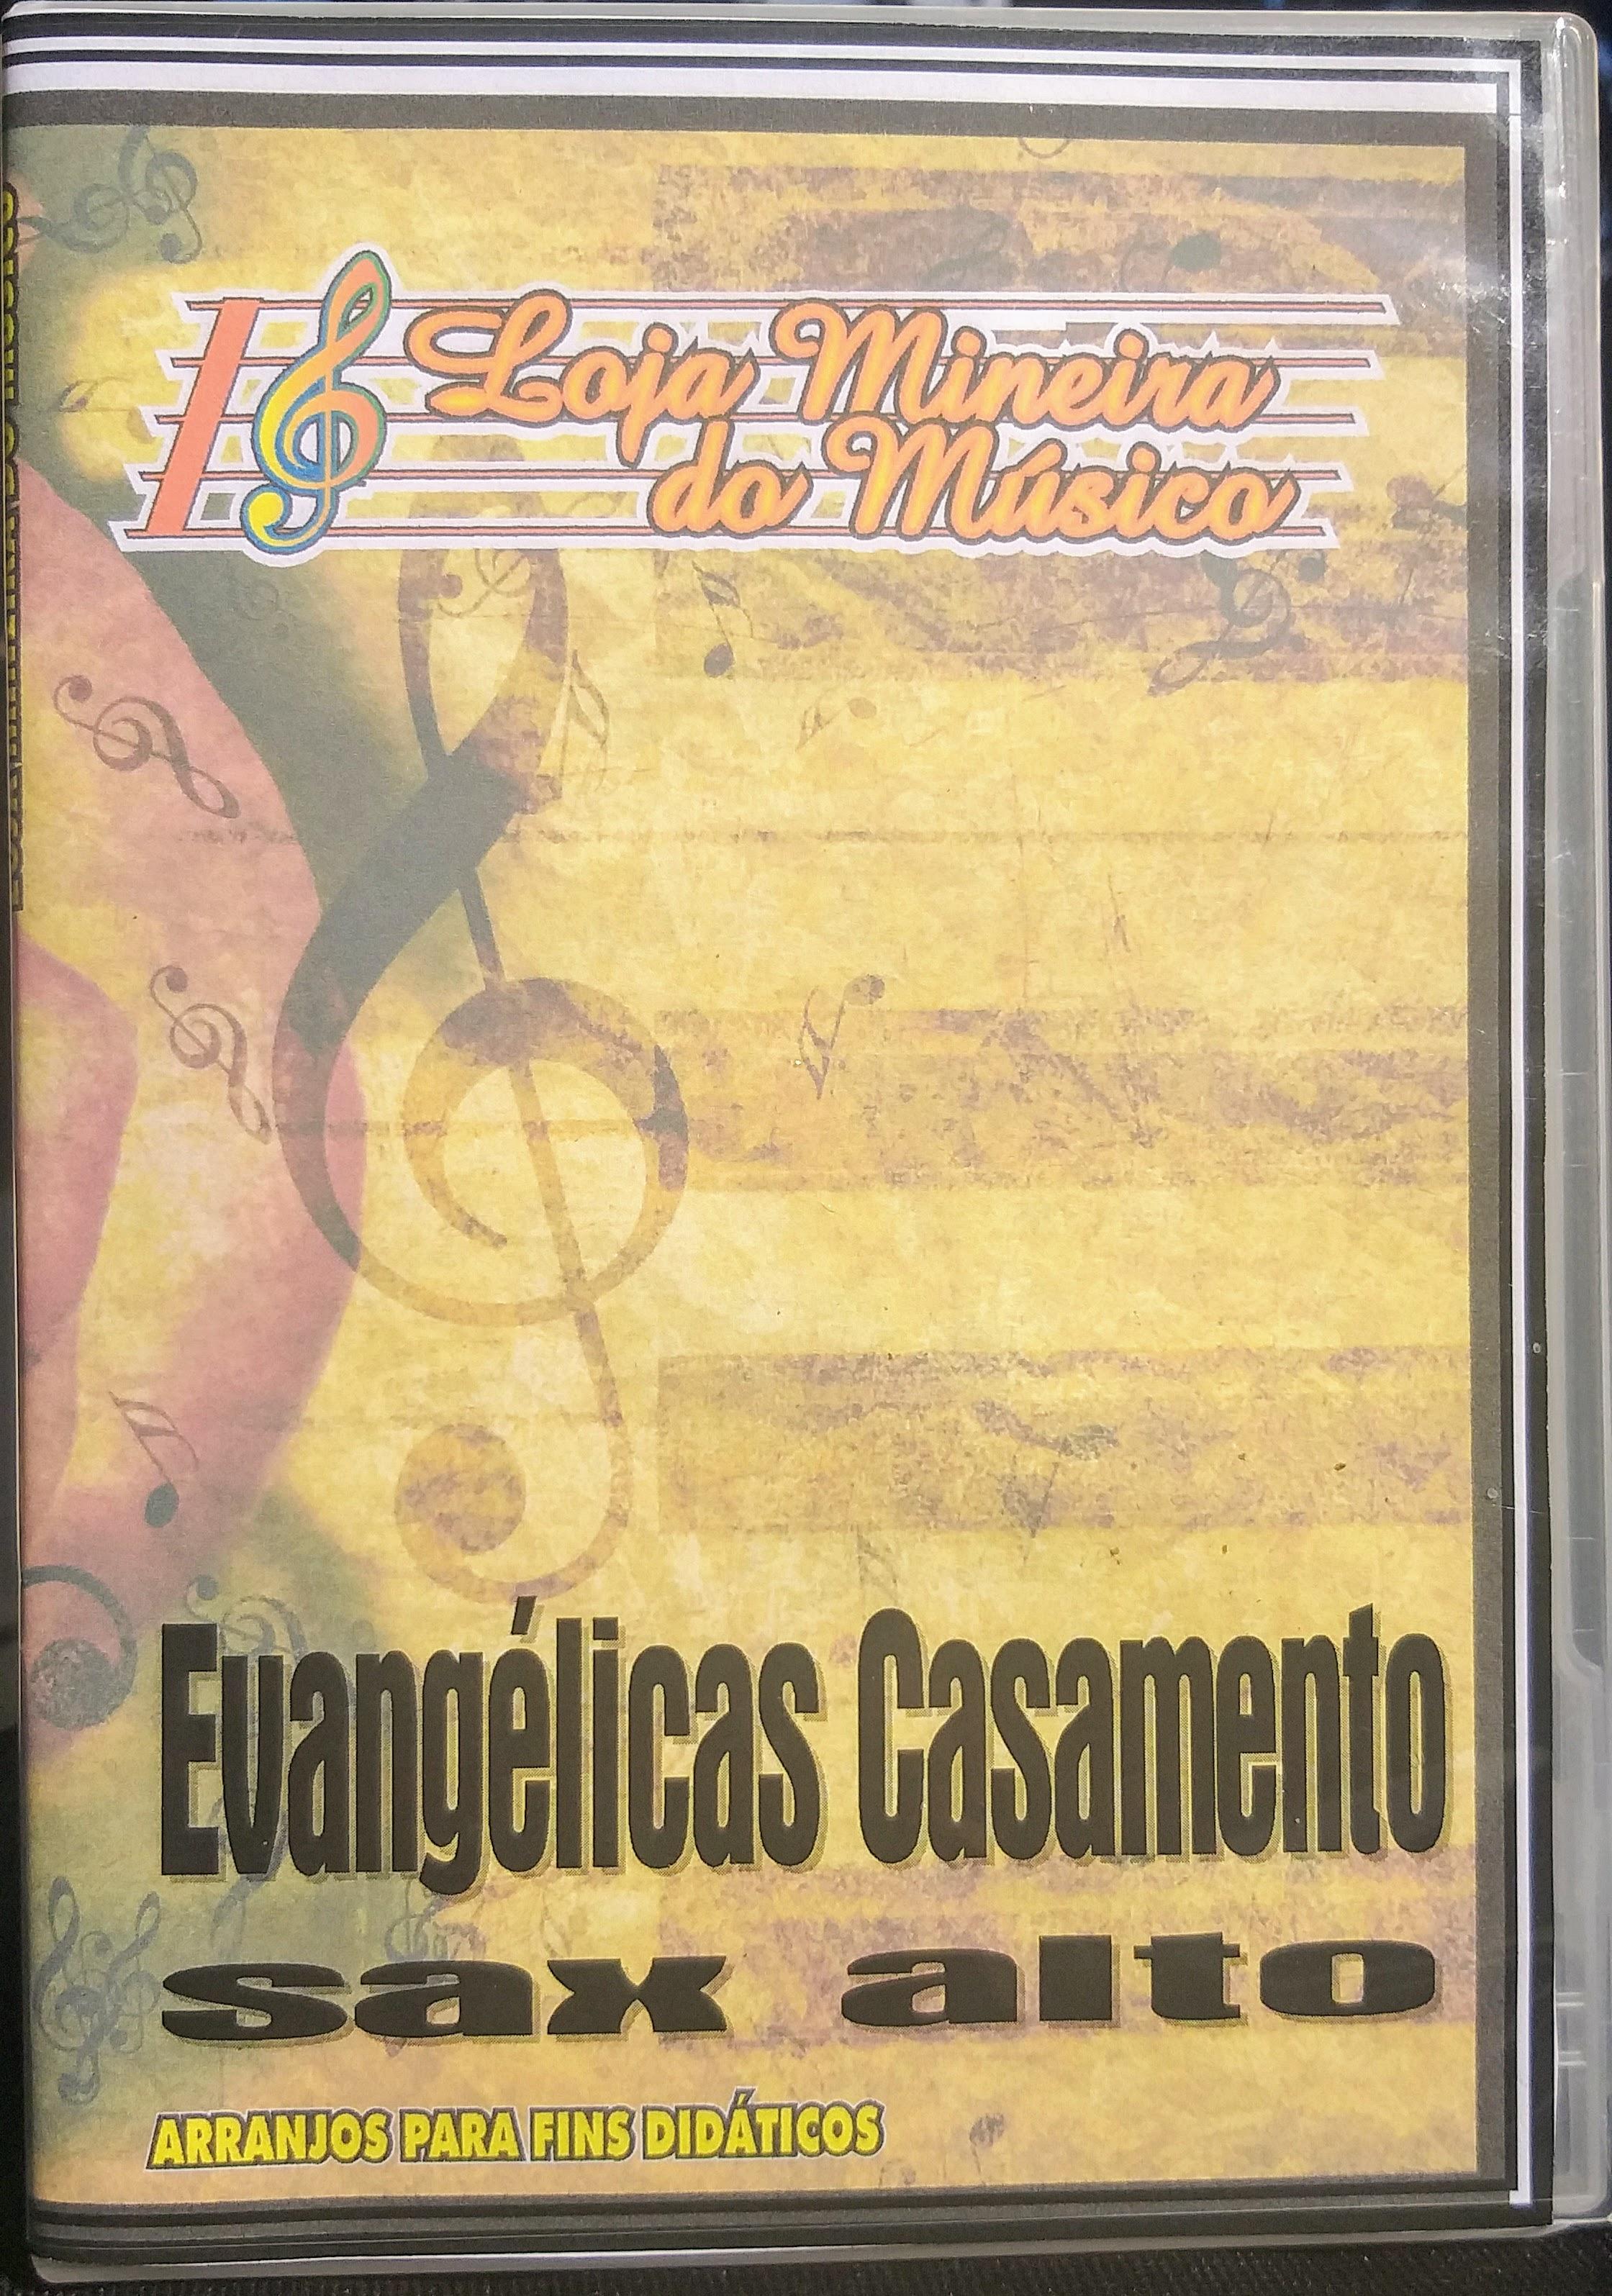 Na Loja Mineira do Musico, desde 2007, você encontra o maior acervo de partituras de música gospel. Casamento Evangélico Partituras em PDF + Áudios guia